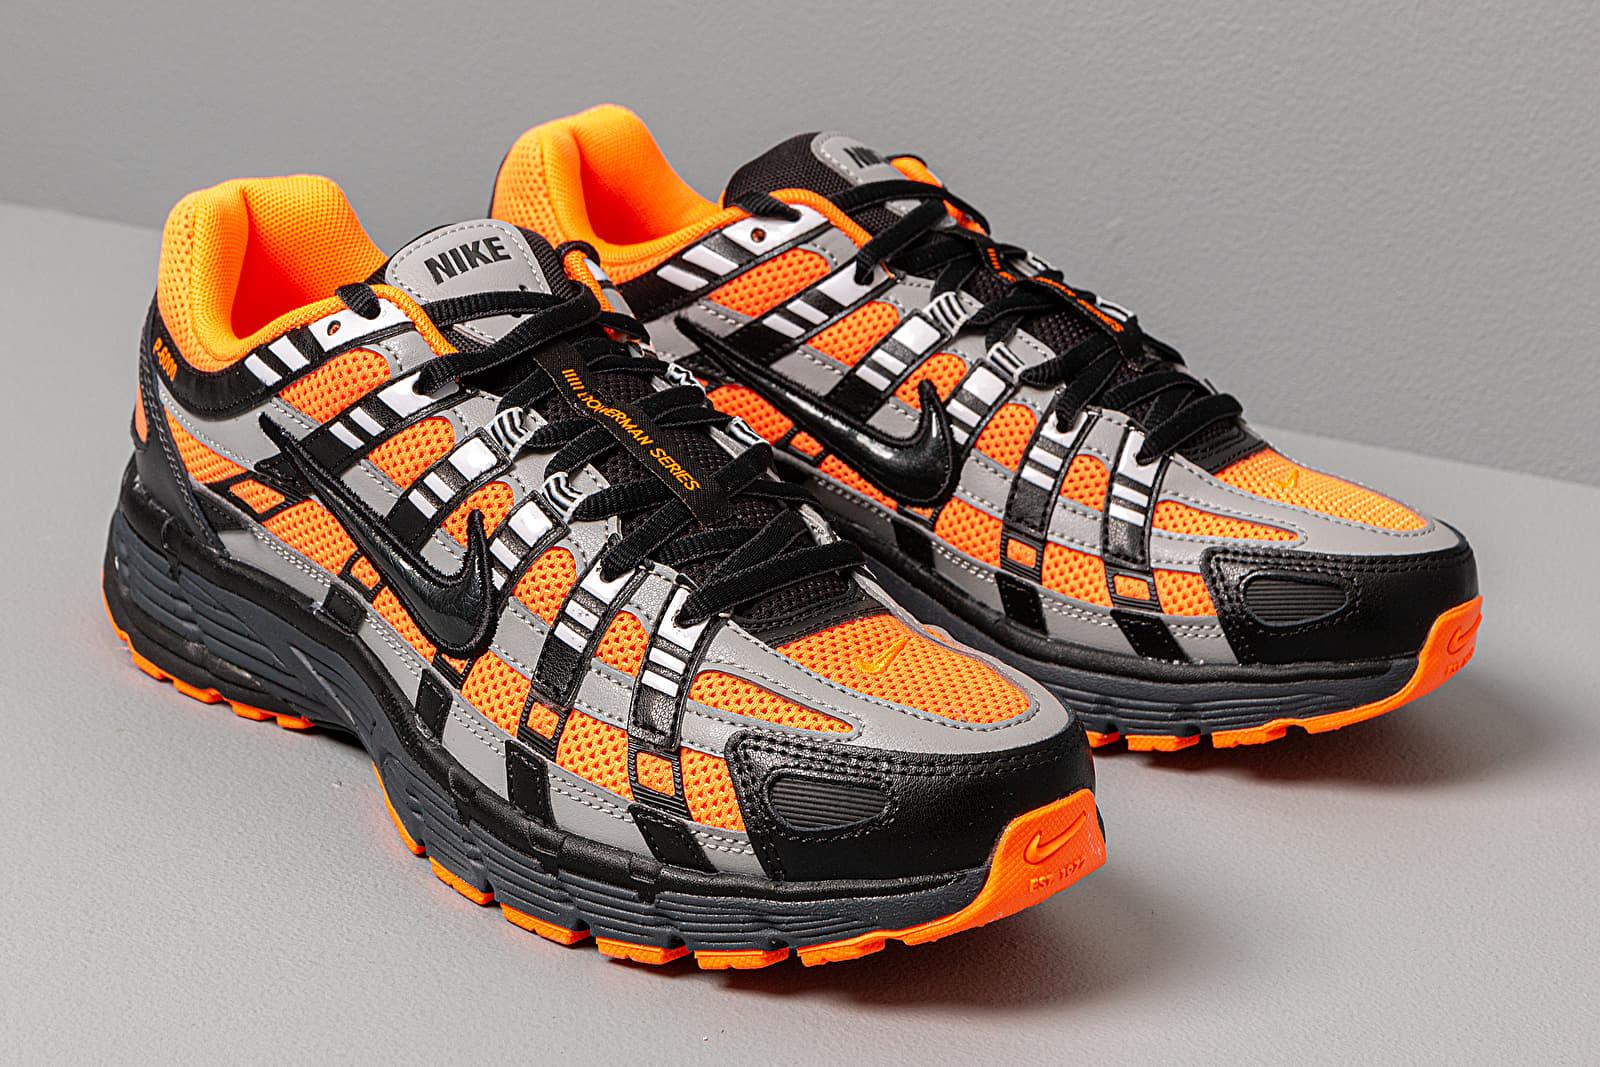 Nike P 6000 Total Orange Black Anthracite Flt Silver | Footshop